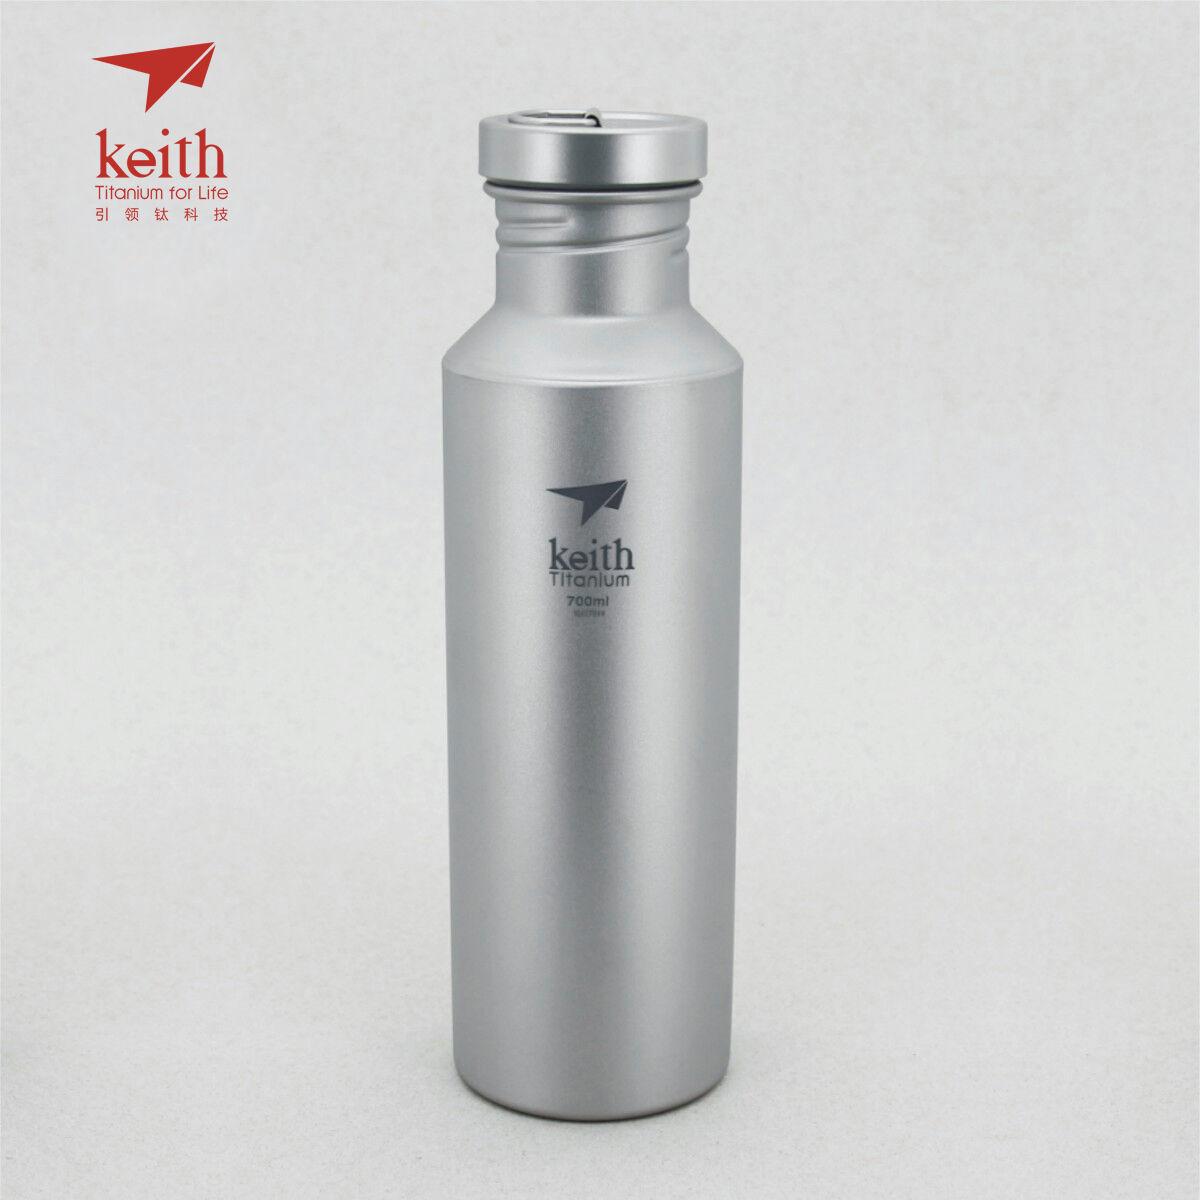 Keith Titanium Ti3032 Sport Bottle - 23.6 fl oz (Shipped from USA)